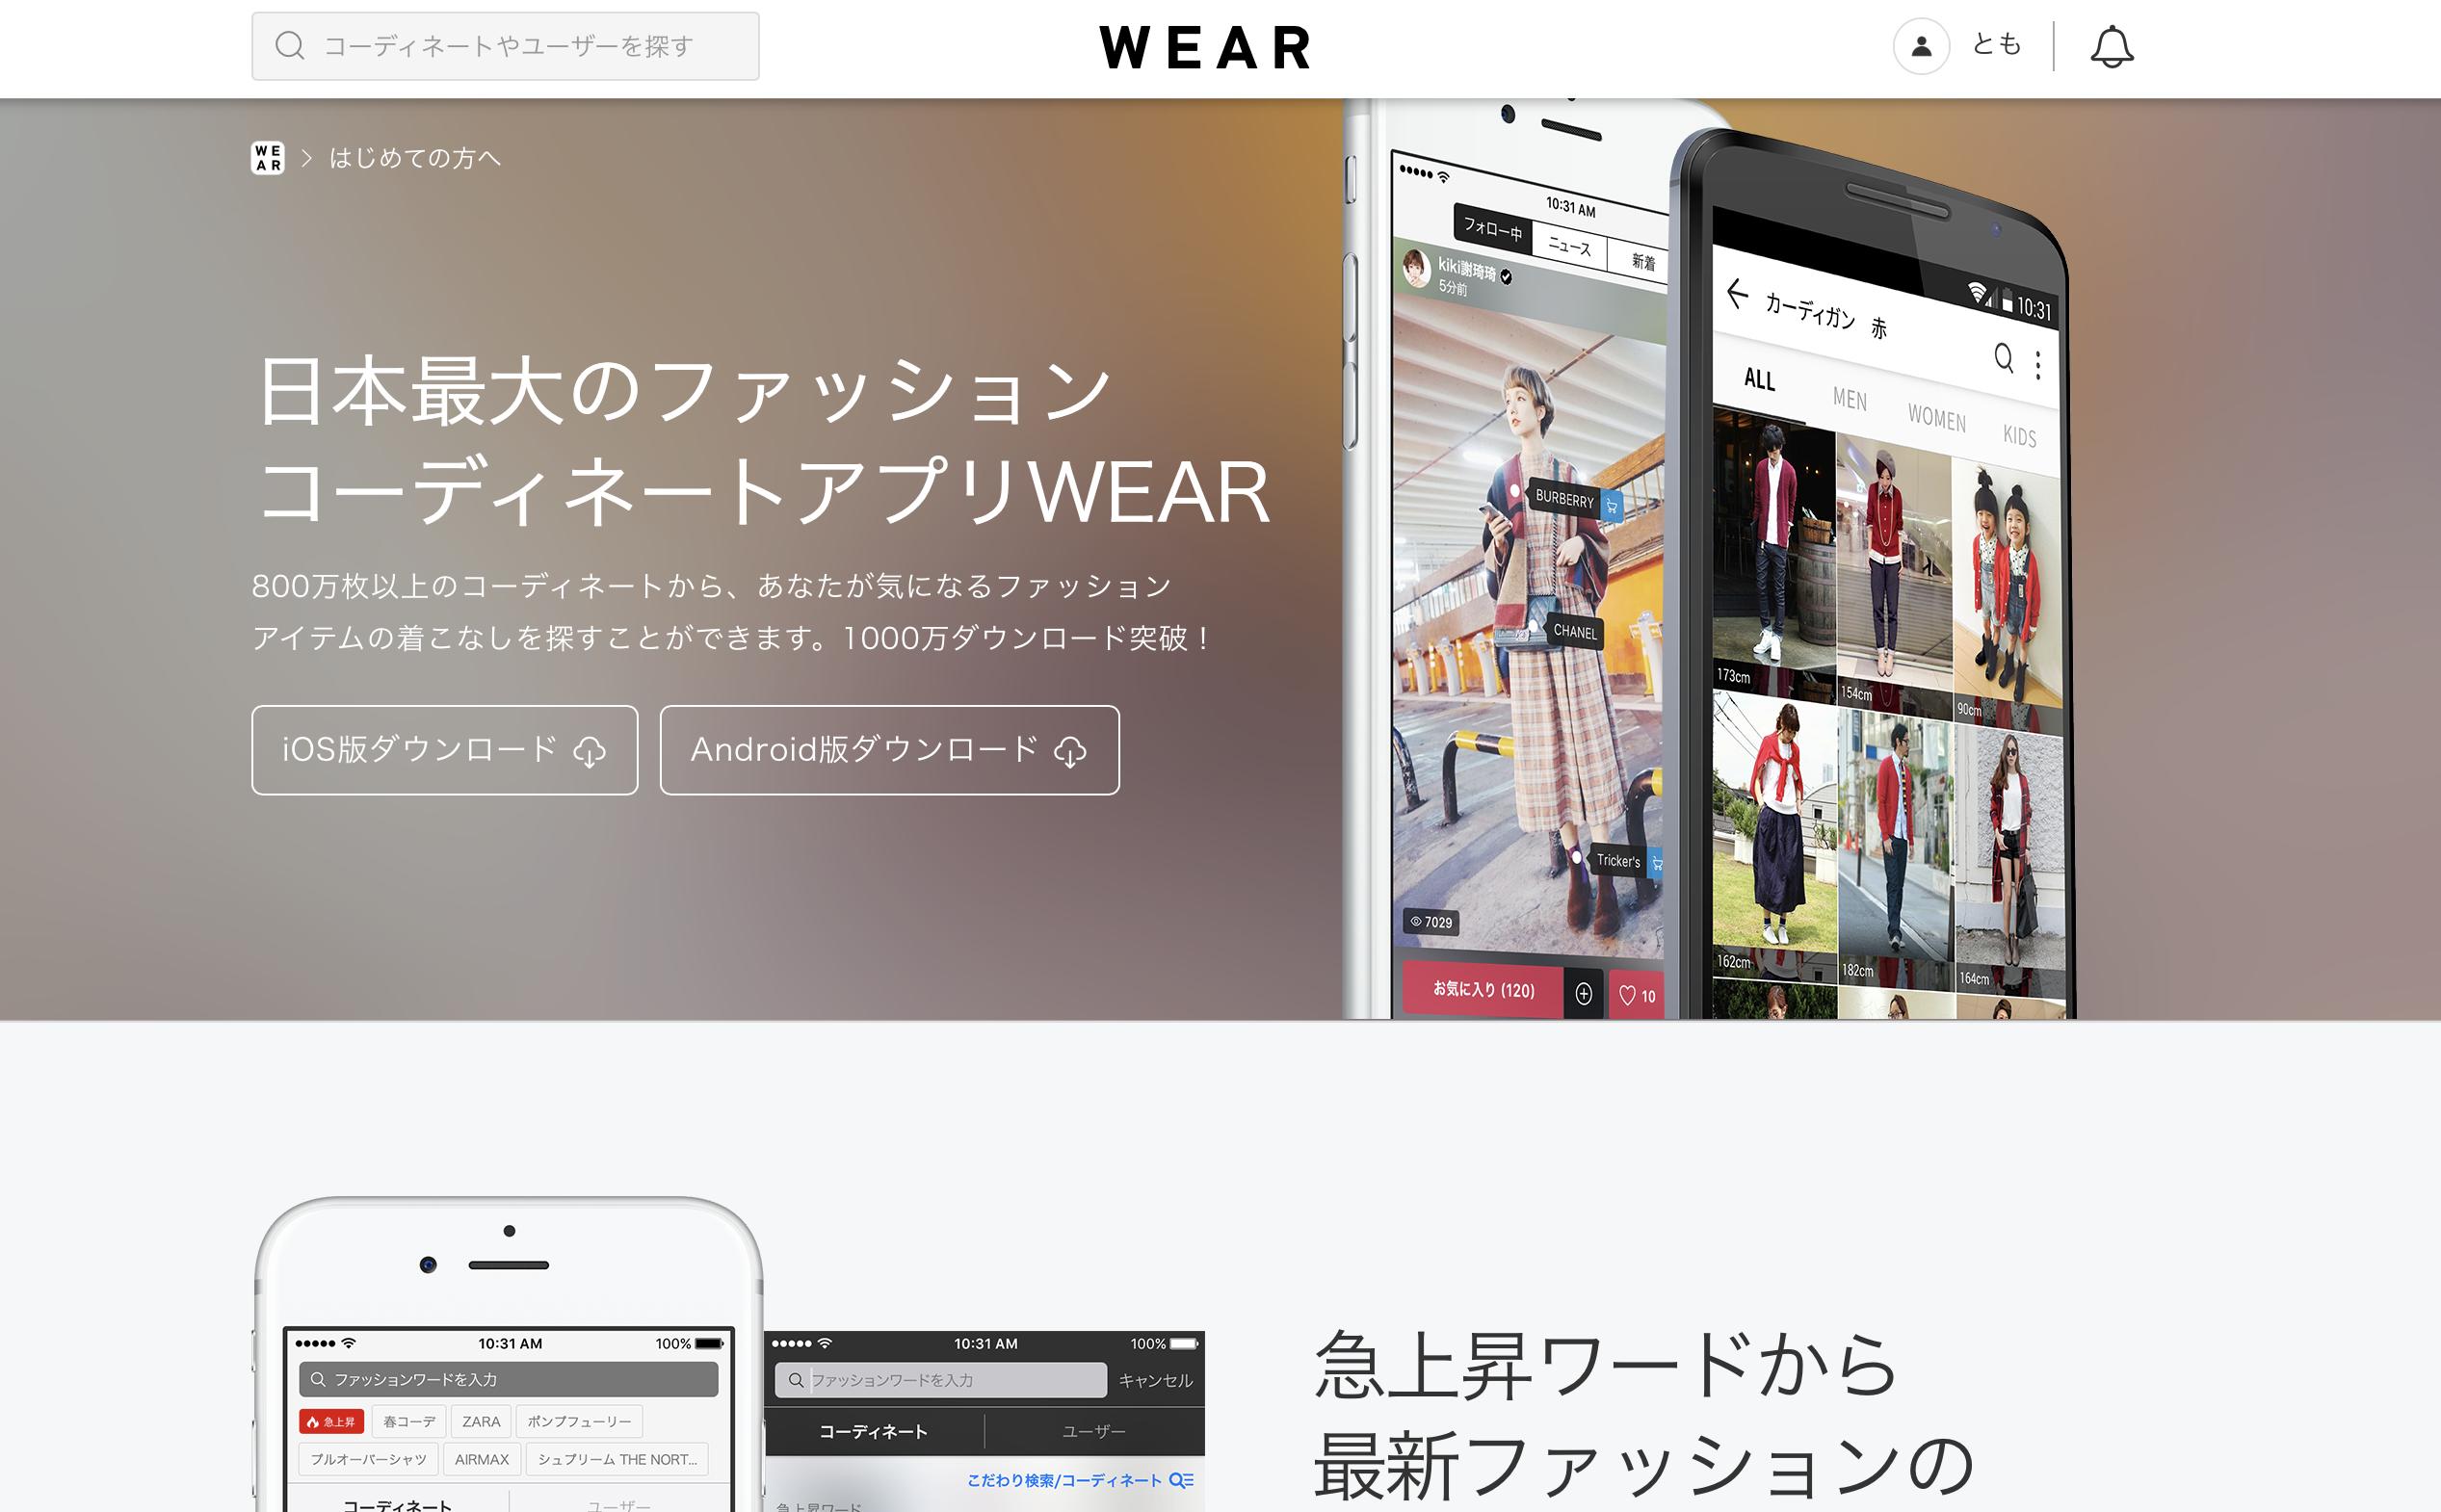 「これ着たい!」が見つかる・買える、日本最大級のファッションコーデサイト「WEAR」